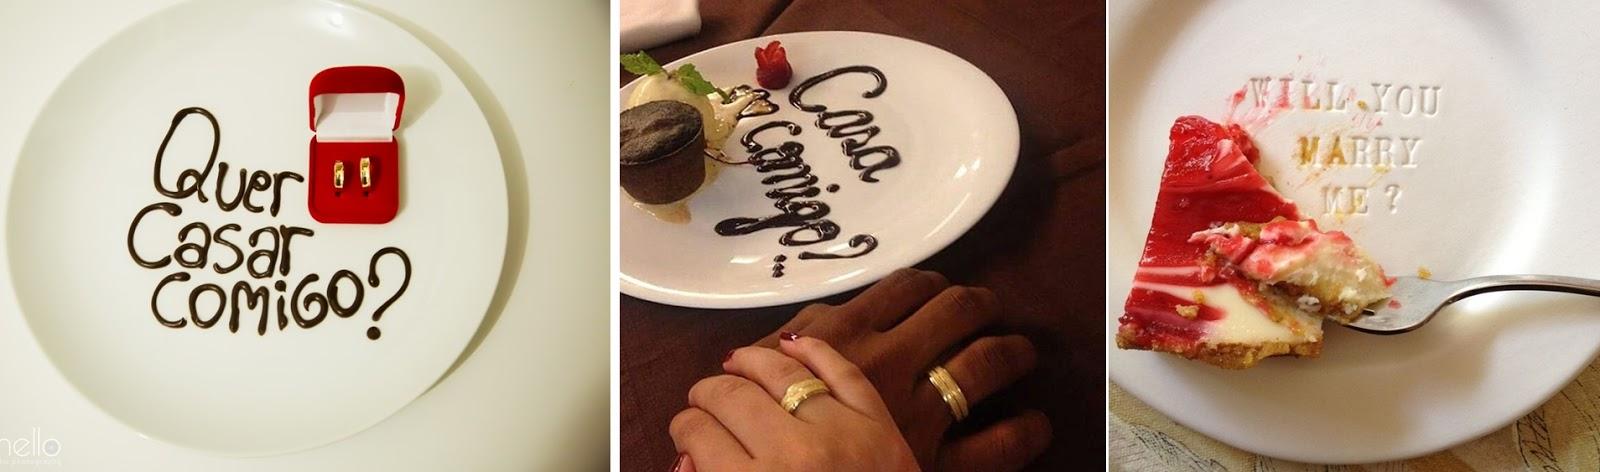 pedido de casamento, marry me, will you marry me , quer casar comigo, pedido de casamento, virei noiva, casamento, pedido com comida, pedido em restaurante , pedido de casamento em restaurante,